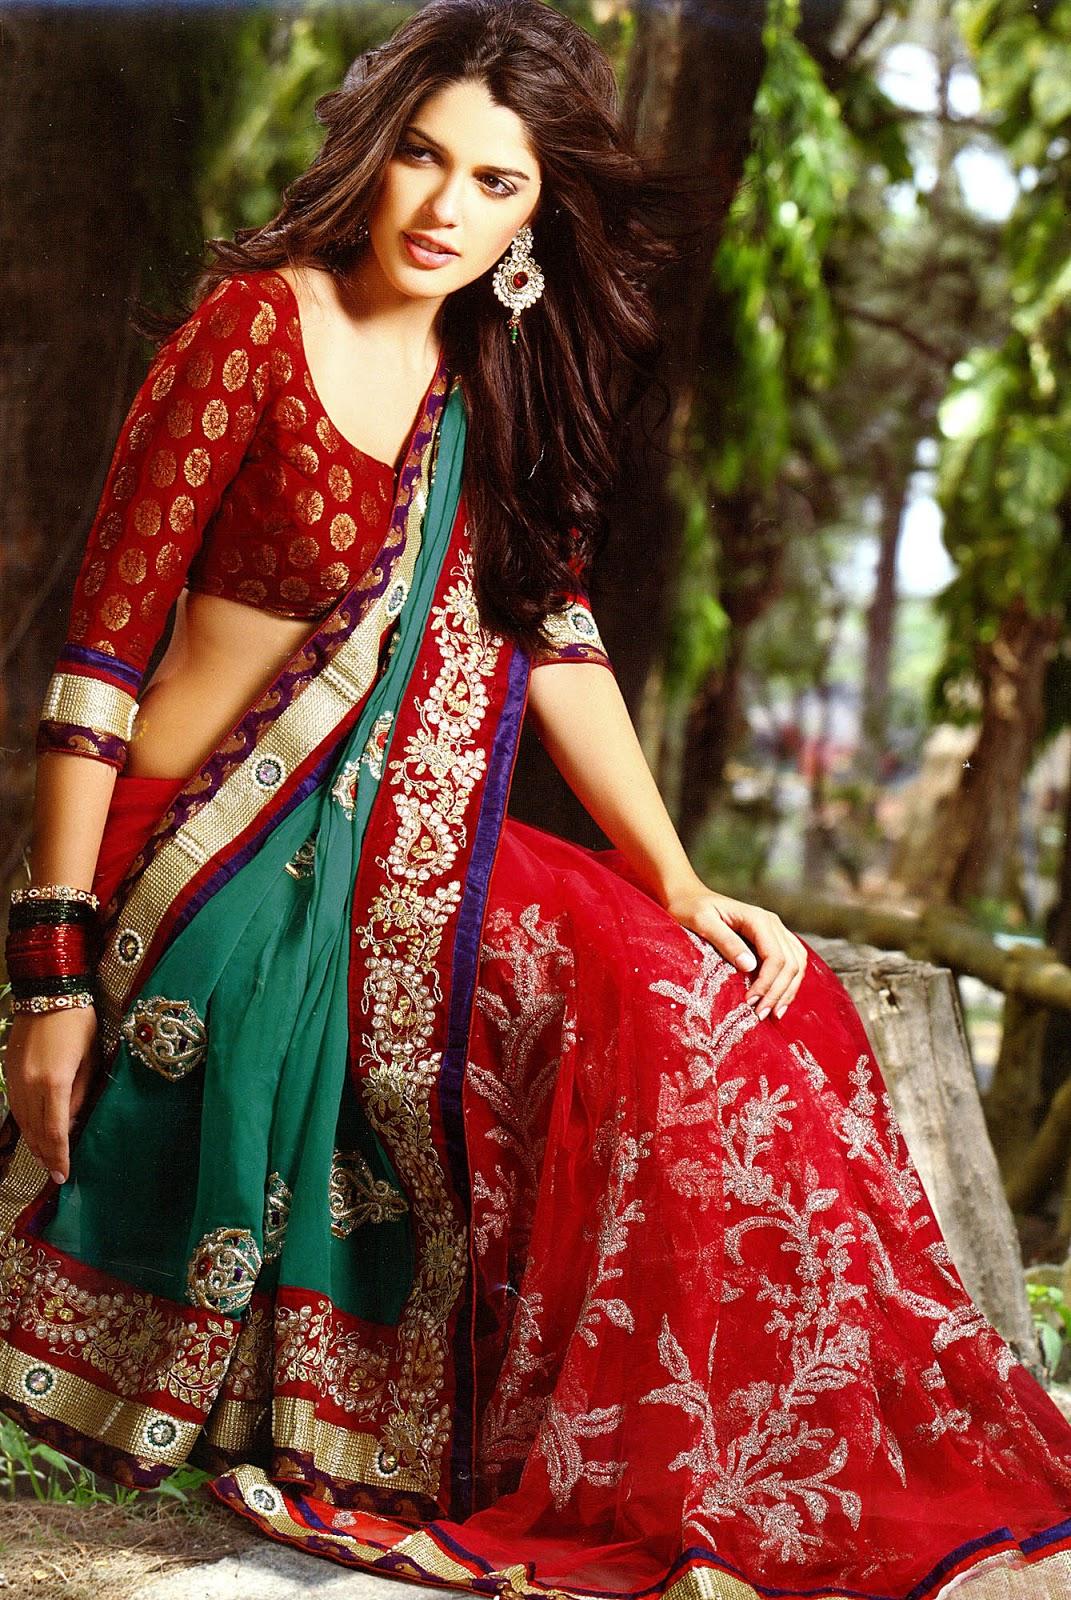 I colori del Nepal: Traditional Nepali costumes